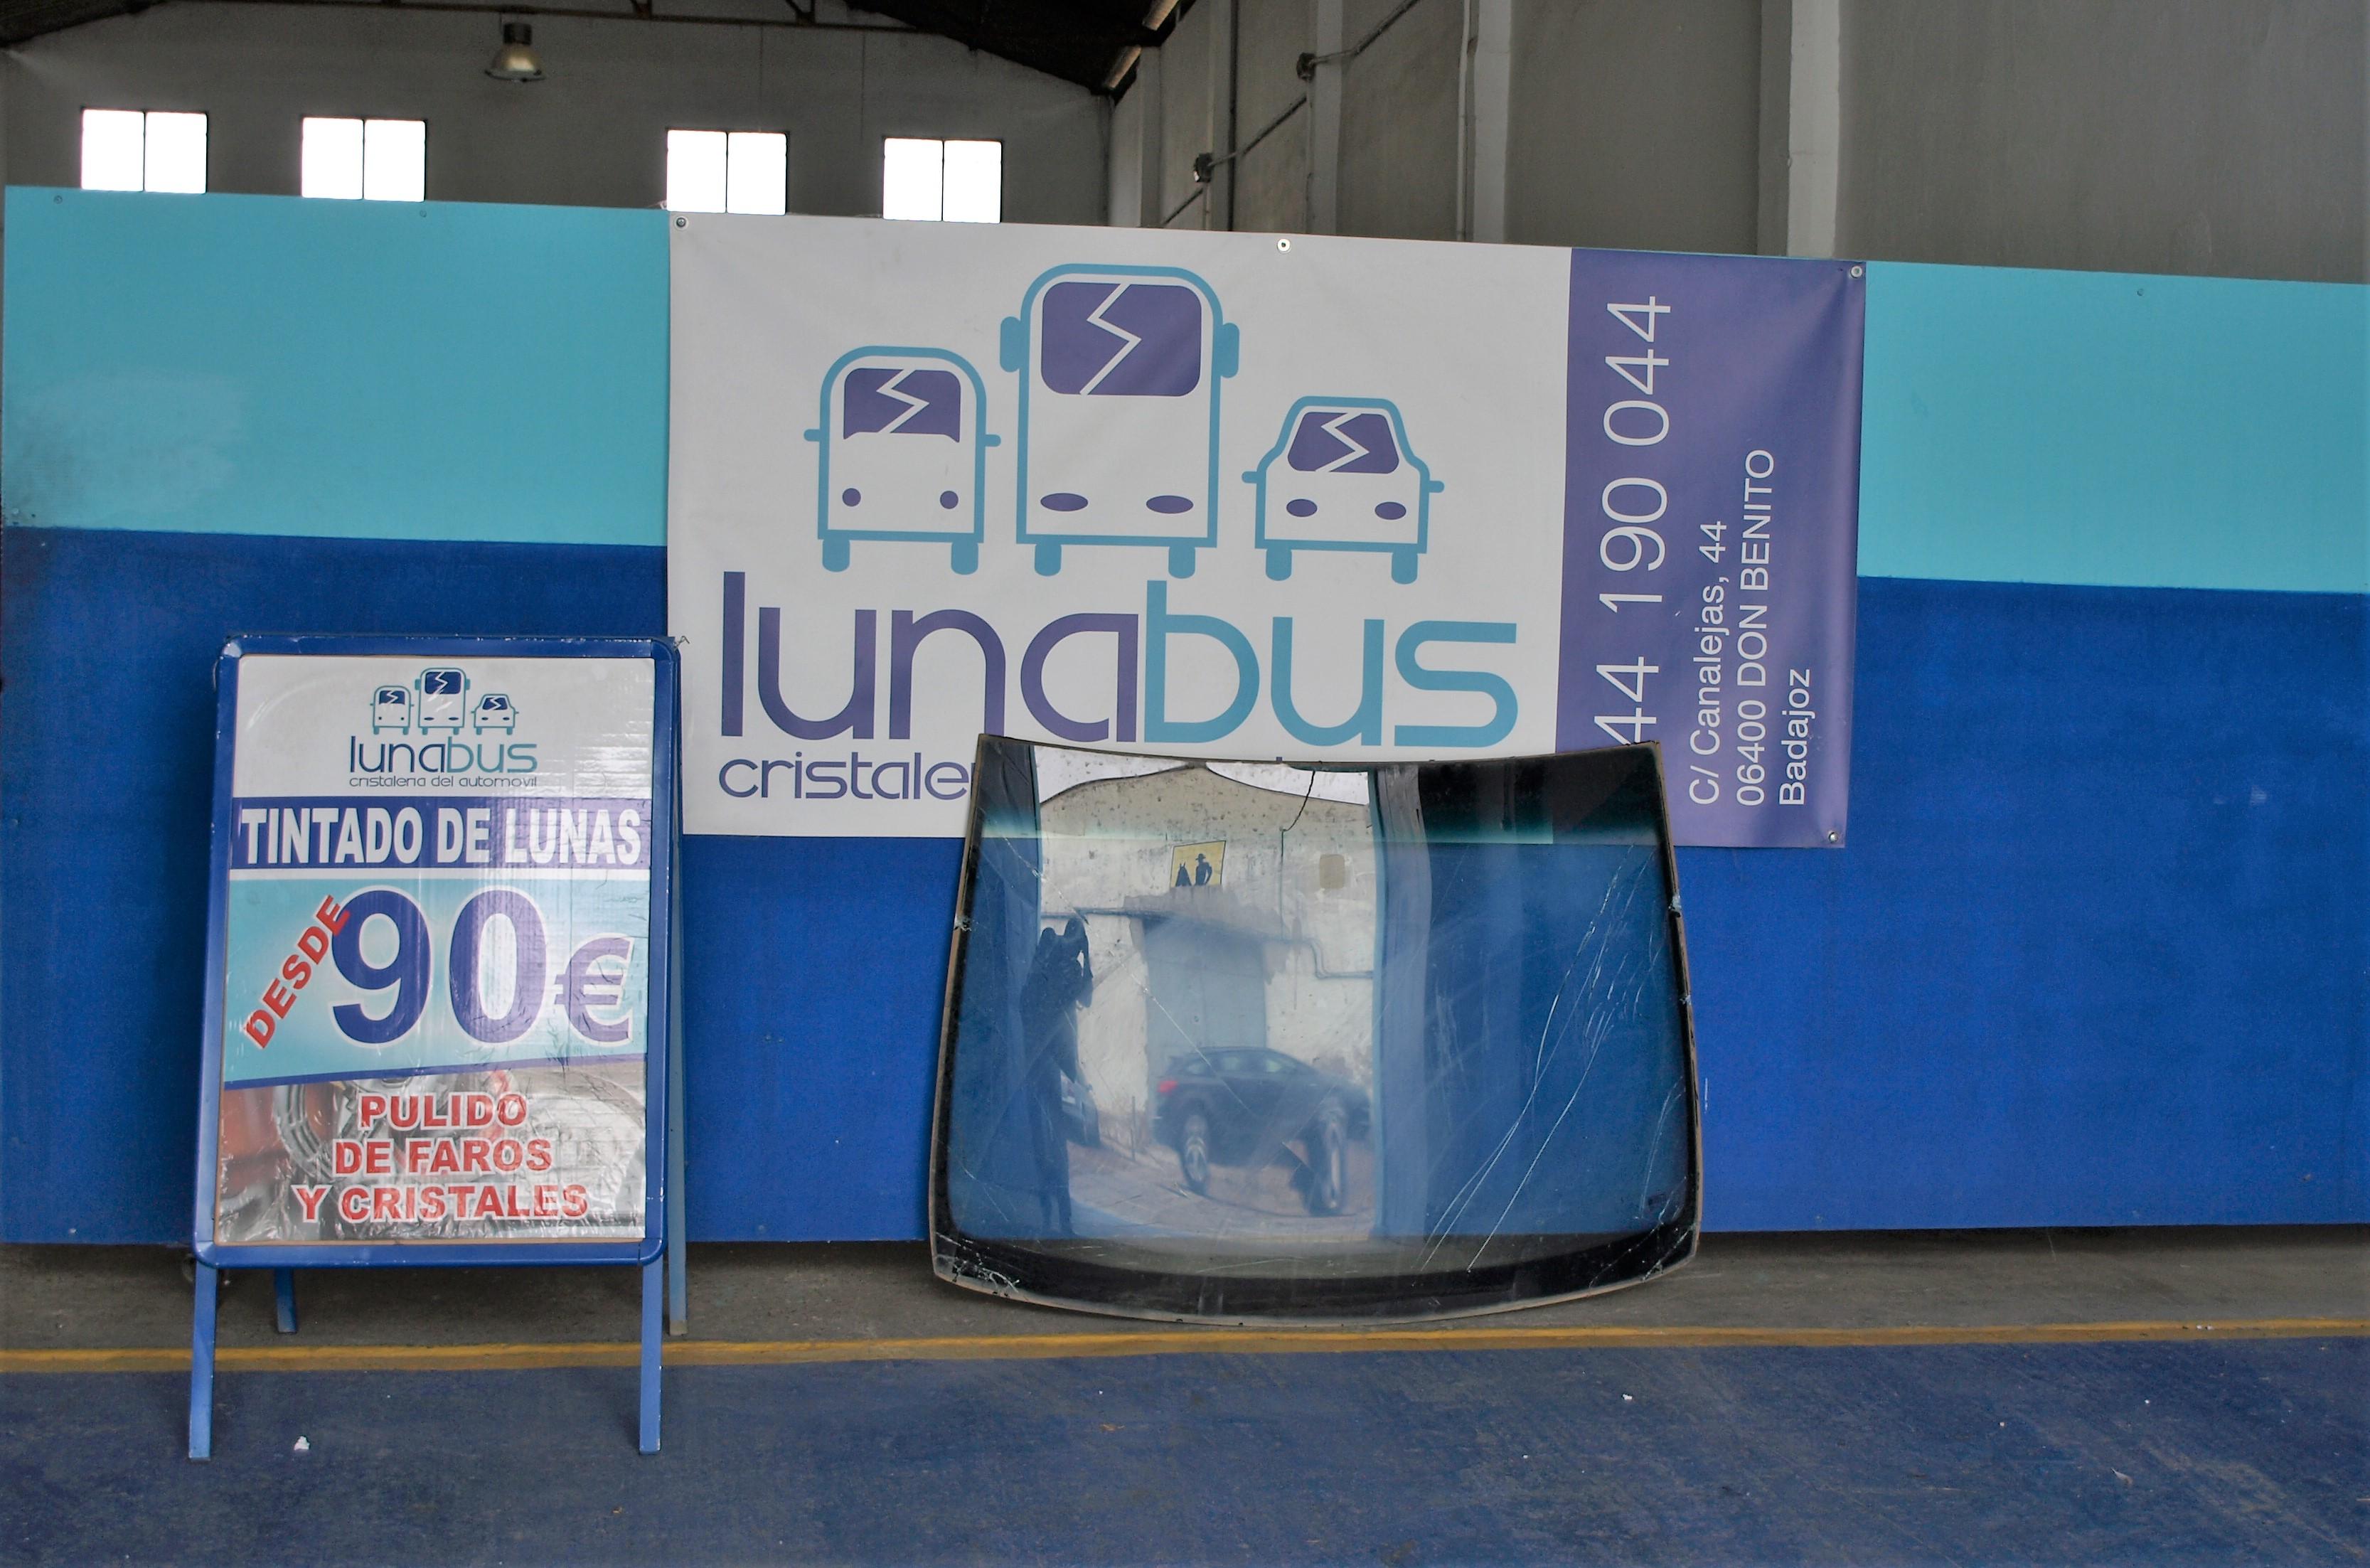 Cristalería del Automóvilen Don Benito Lunabus,